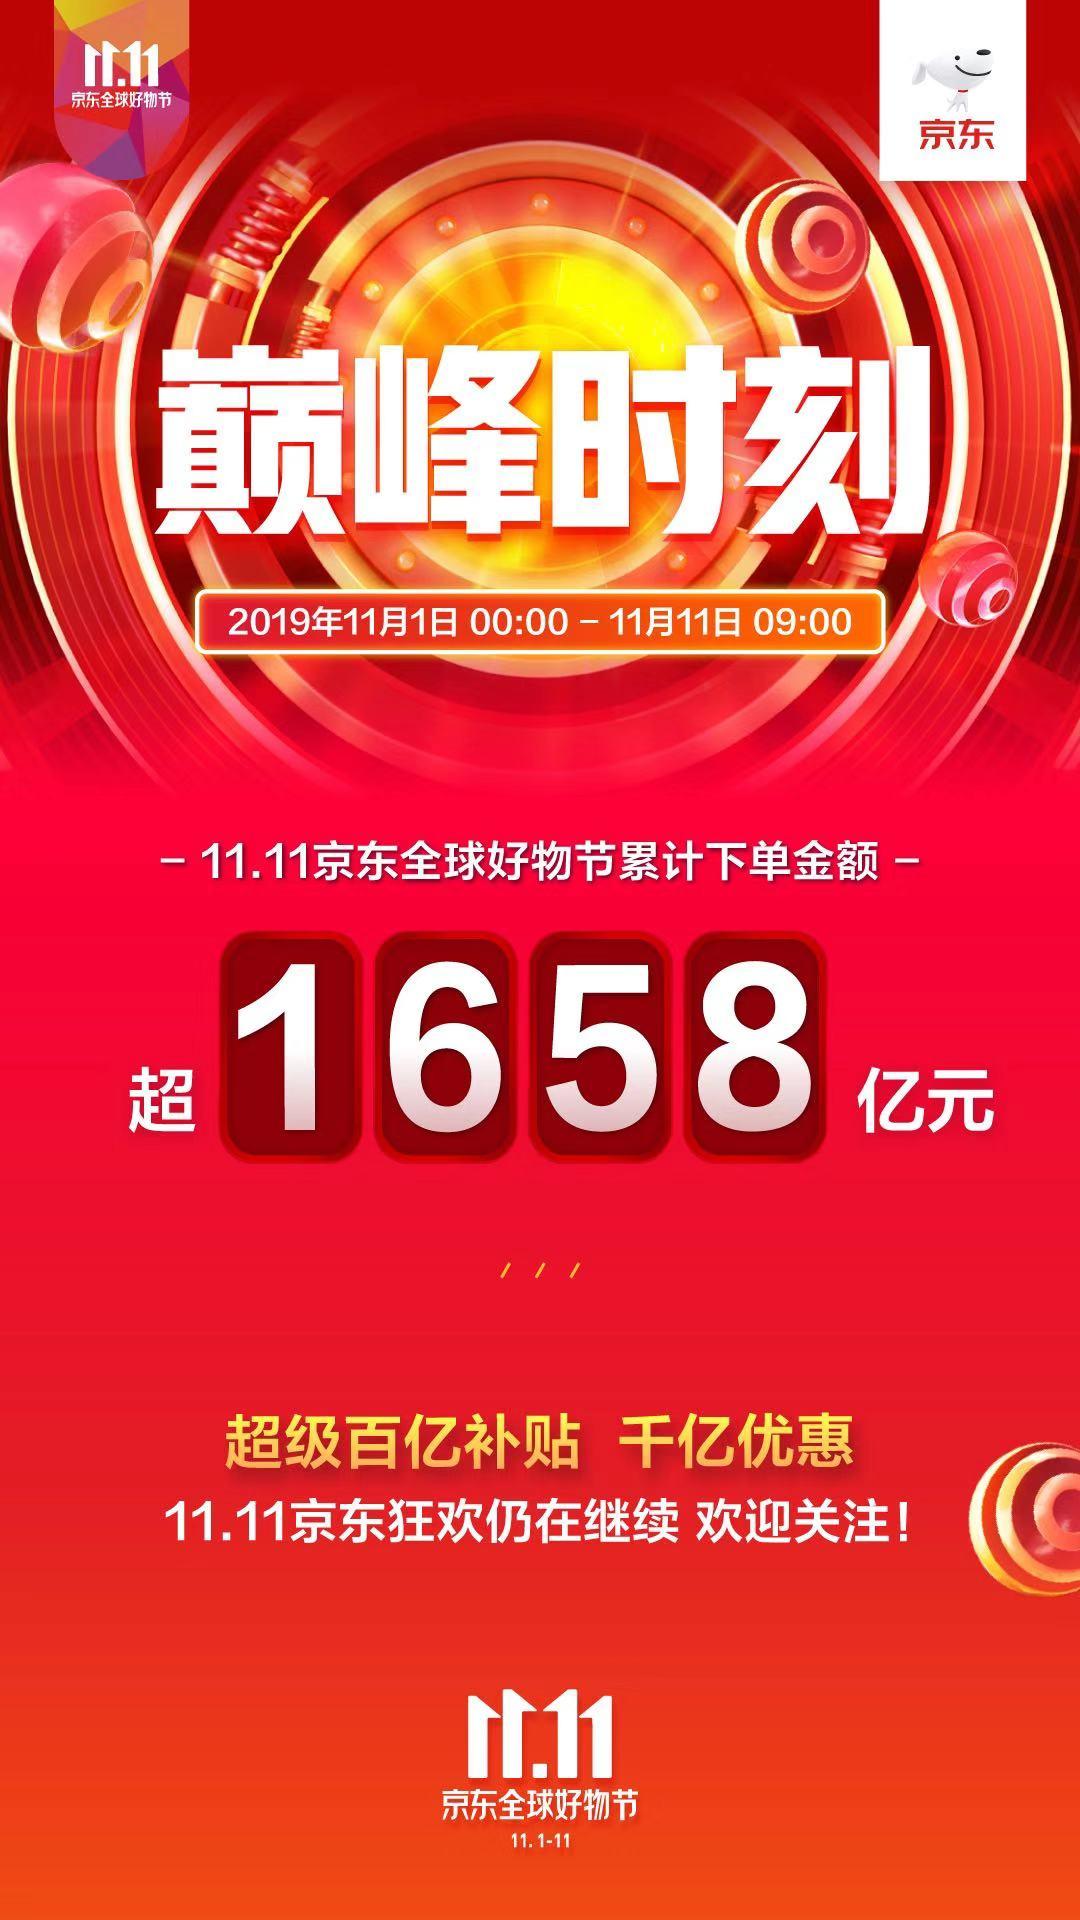 """""""11.11京东全球好物节""""迎来巅峰一小时各大品牌销售纪录被连续打破"""